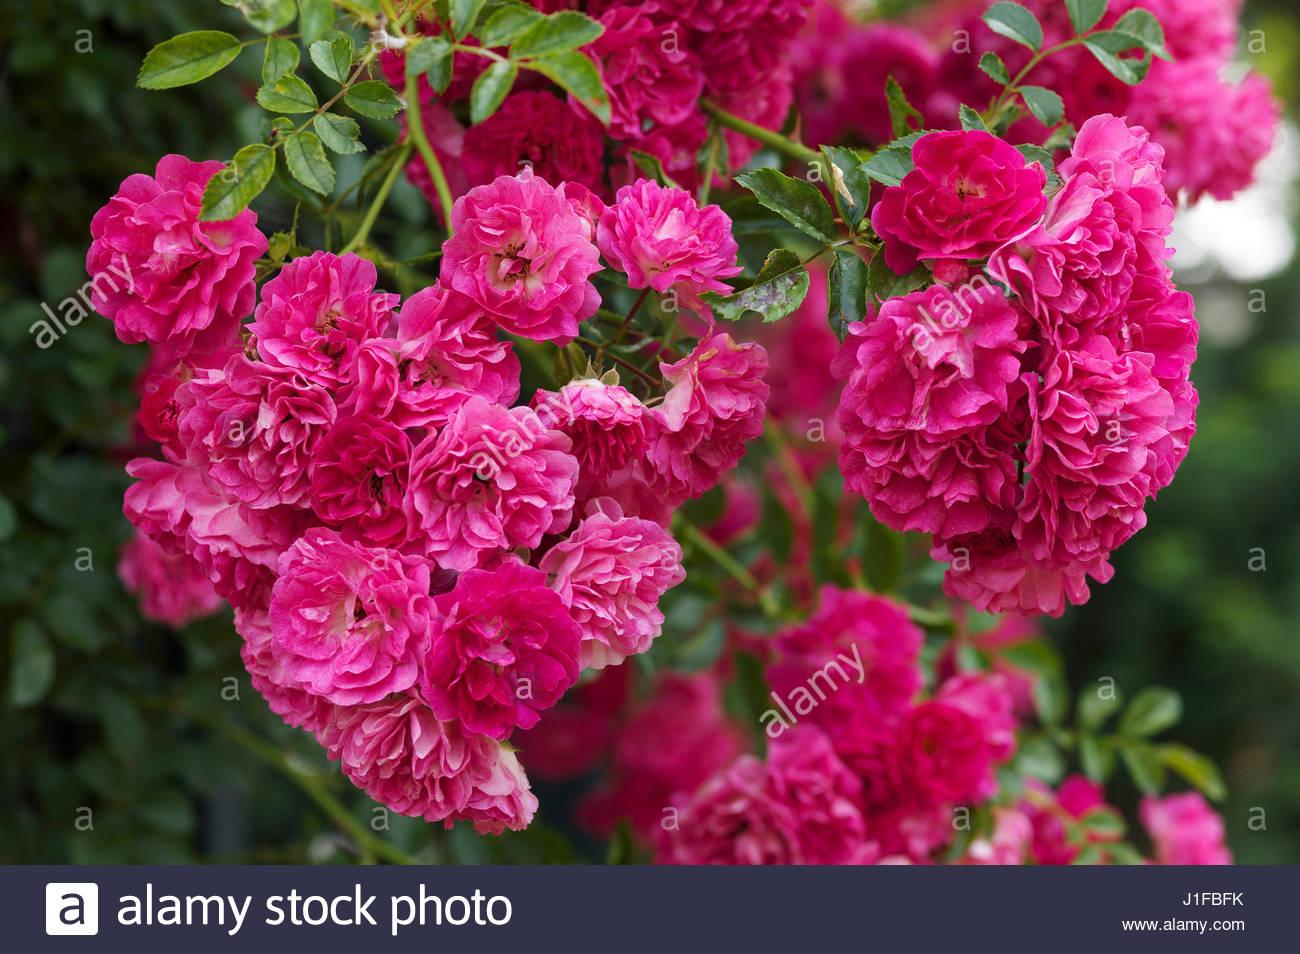 excelsa rose stock photos excelsa rose stock images alamy. Black Bedroom Furniture Sets. Home Design Ideas